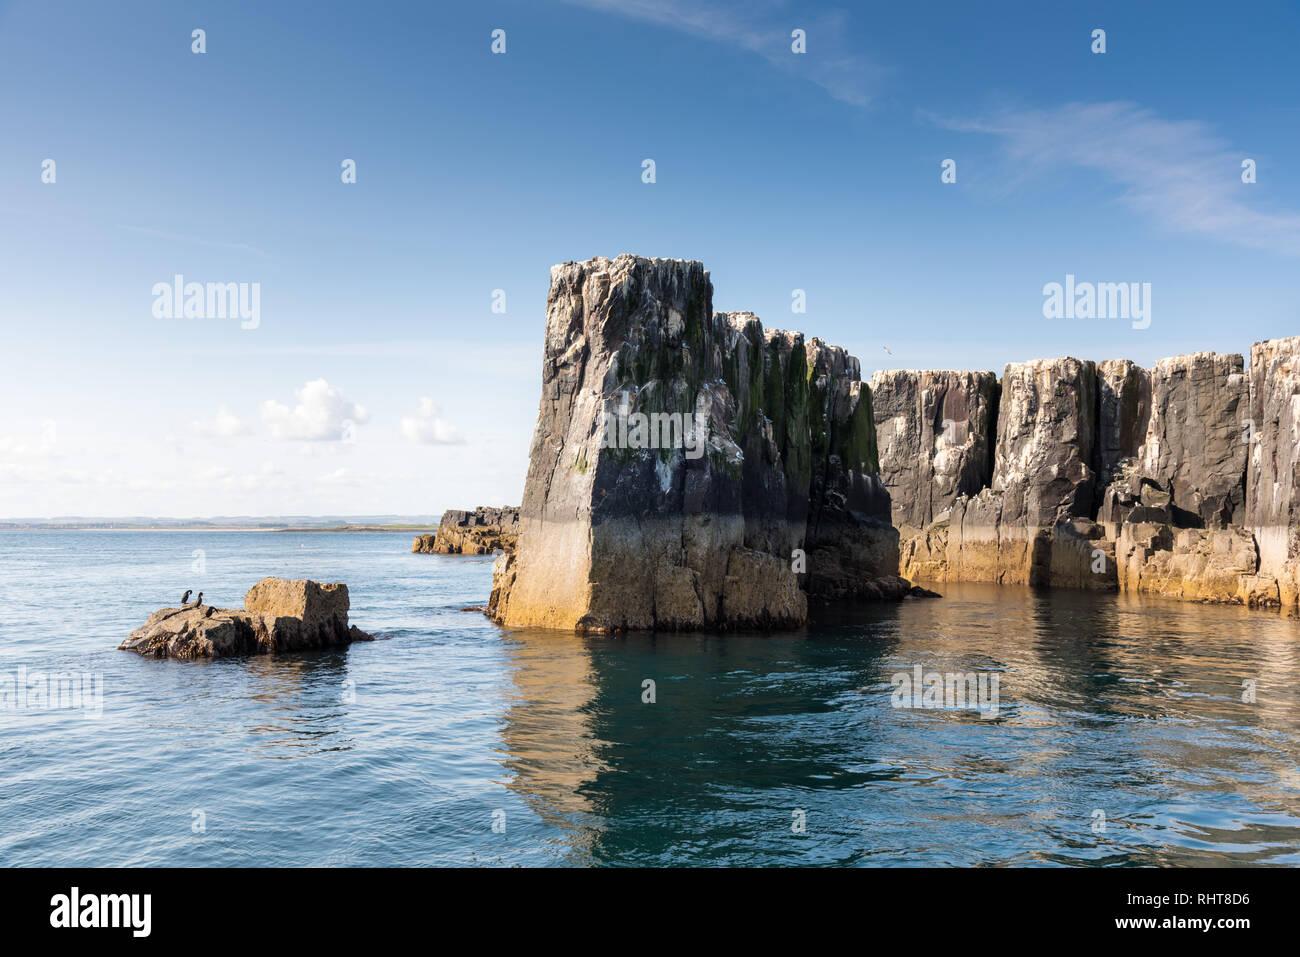 Staple Island, Farne Islands, Northumberland, UK - Stock Image